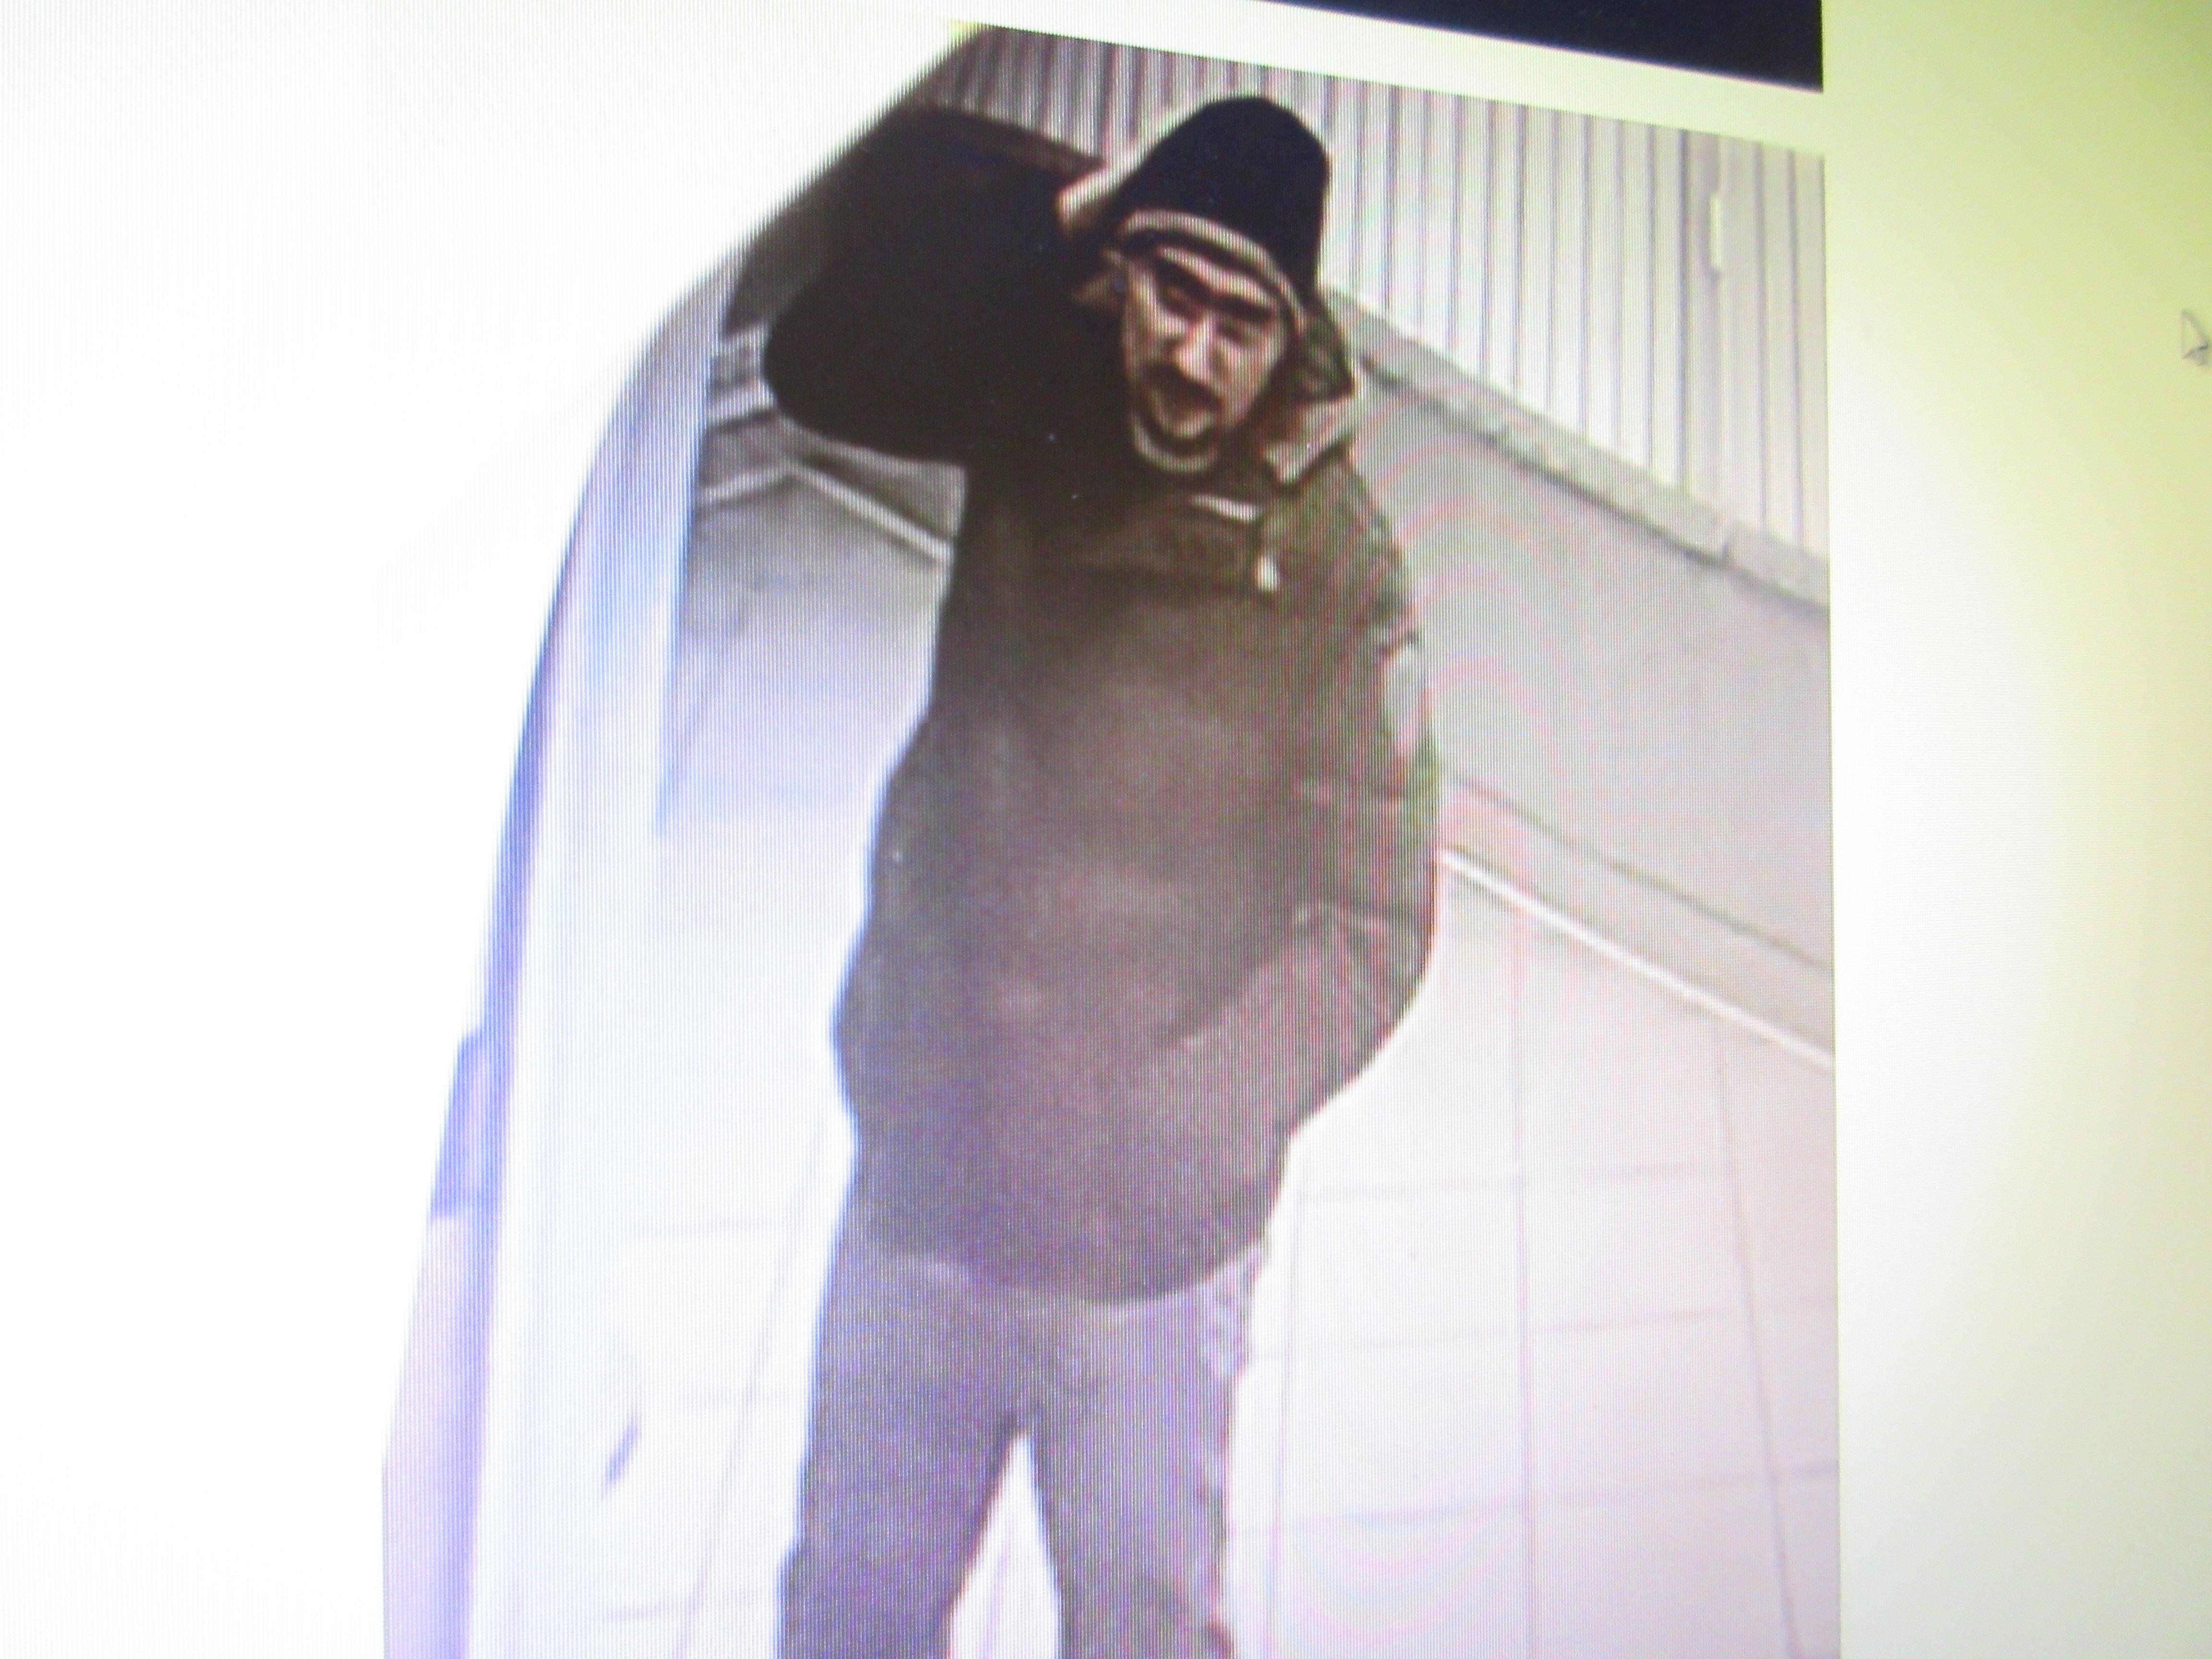 Фото разыскиваемого в Минске мужчины на сайте ГУВД.